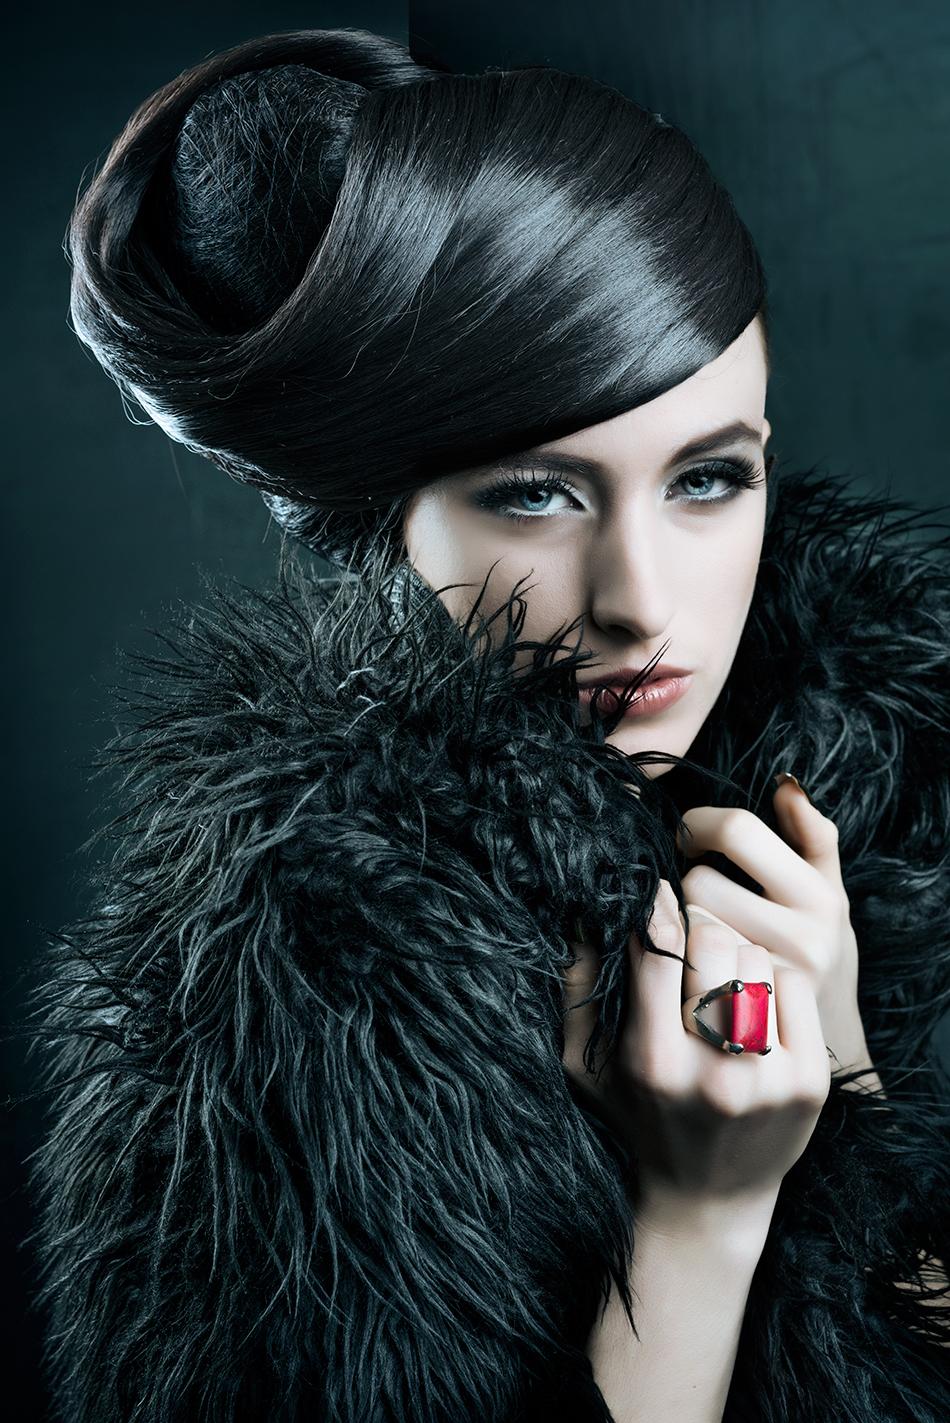 Beauty Portrait - Photography